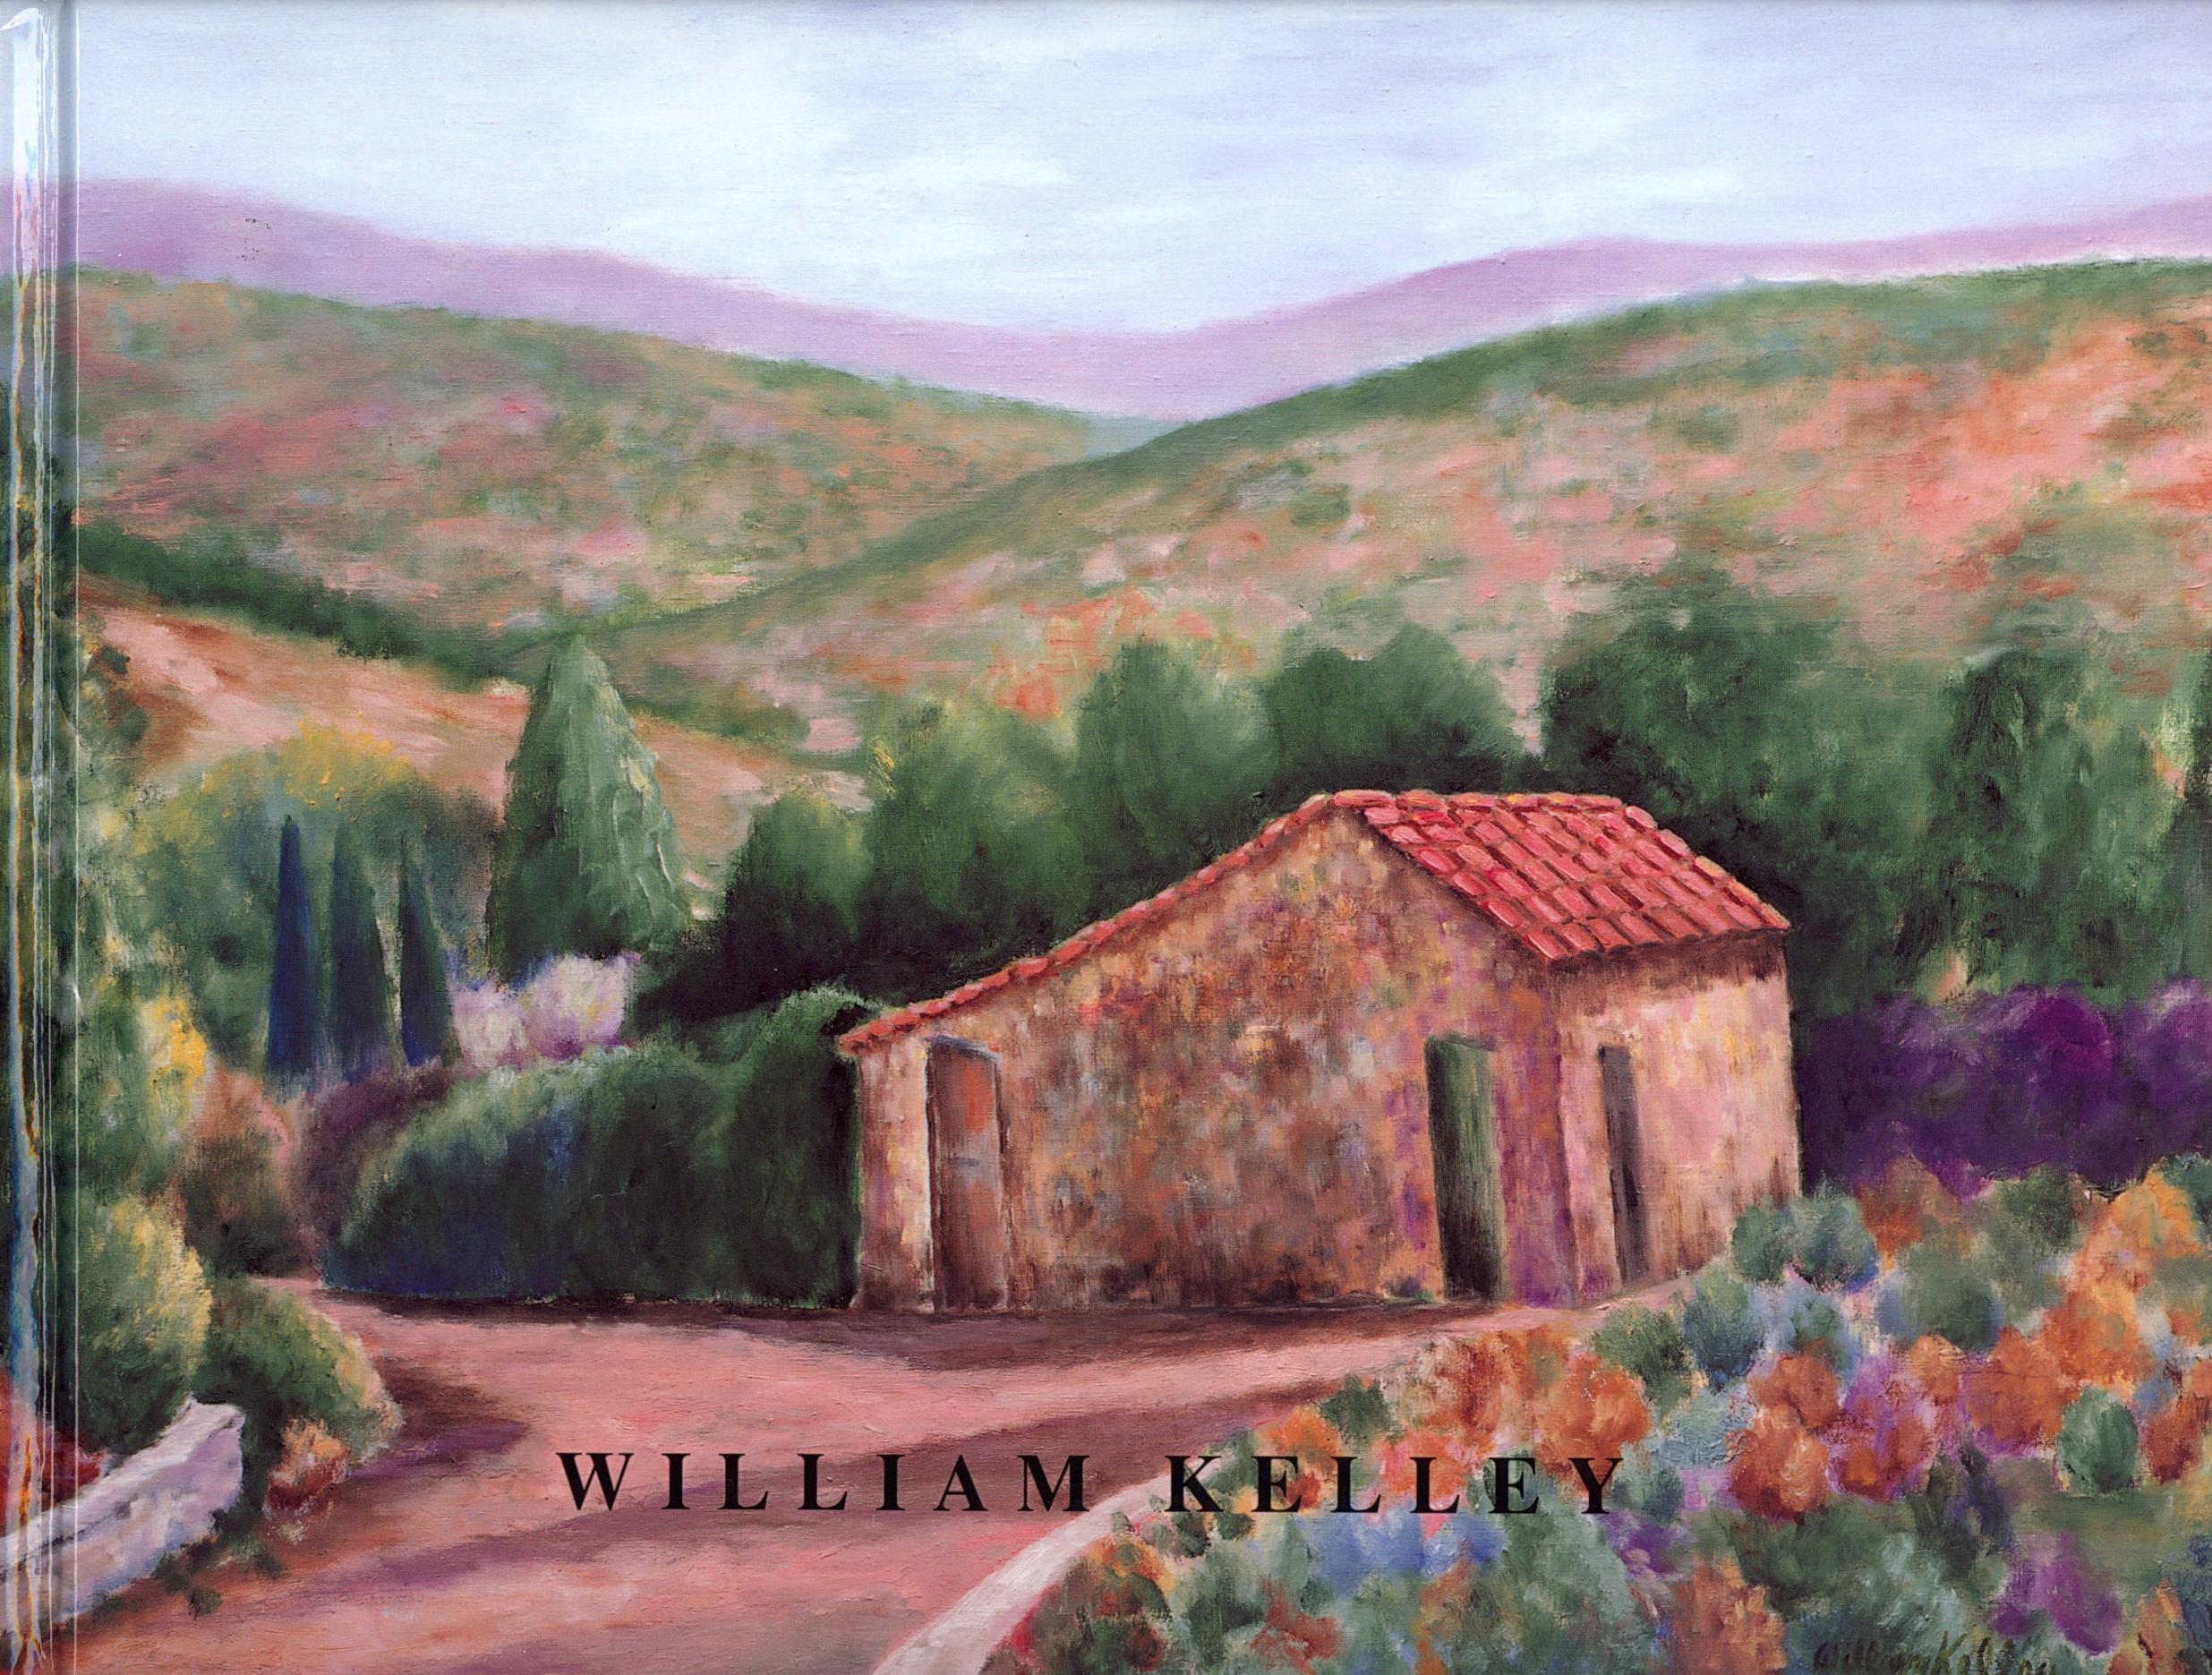 La Casa Contadino, Chianti   Oil on canvas, 62'' x 78'', 2004